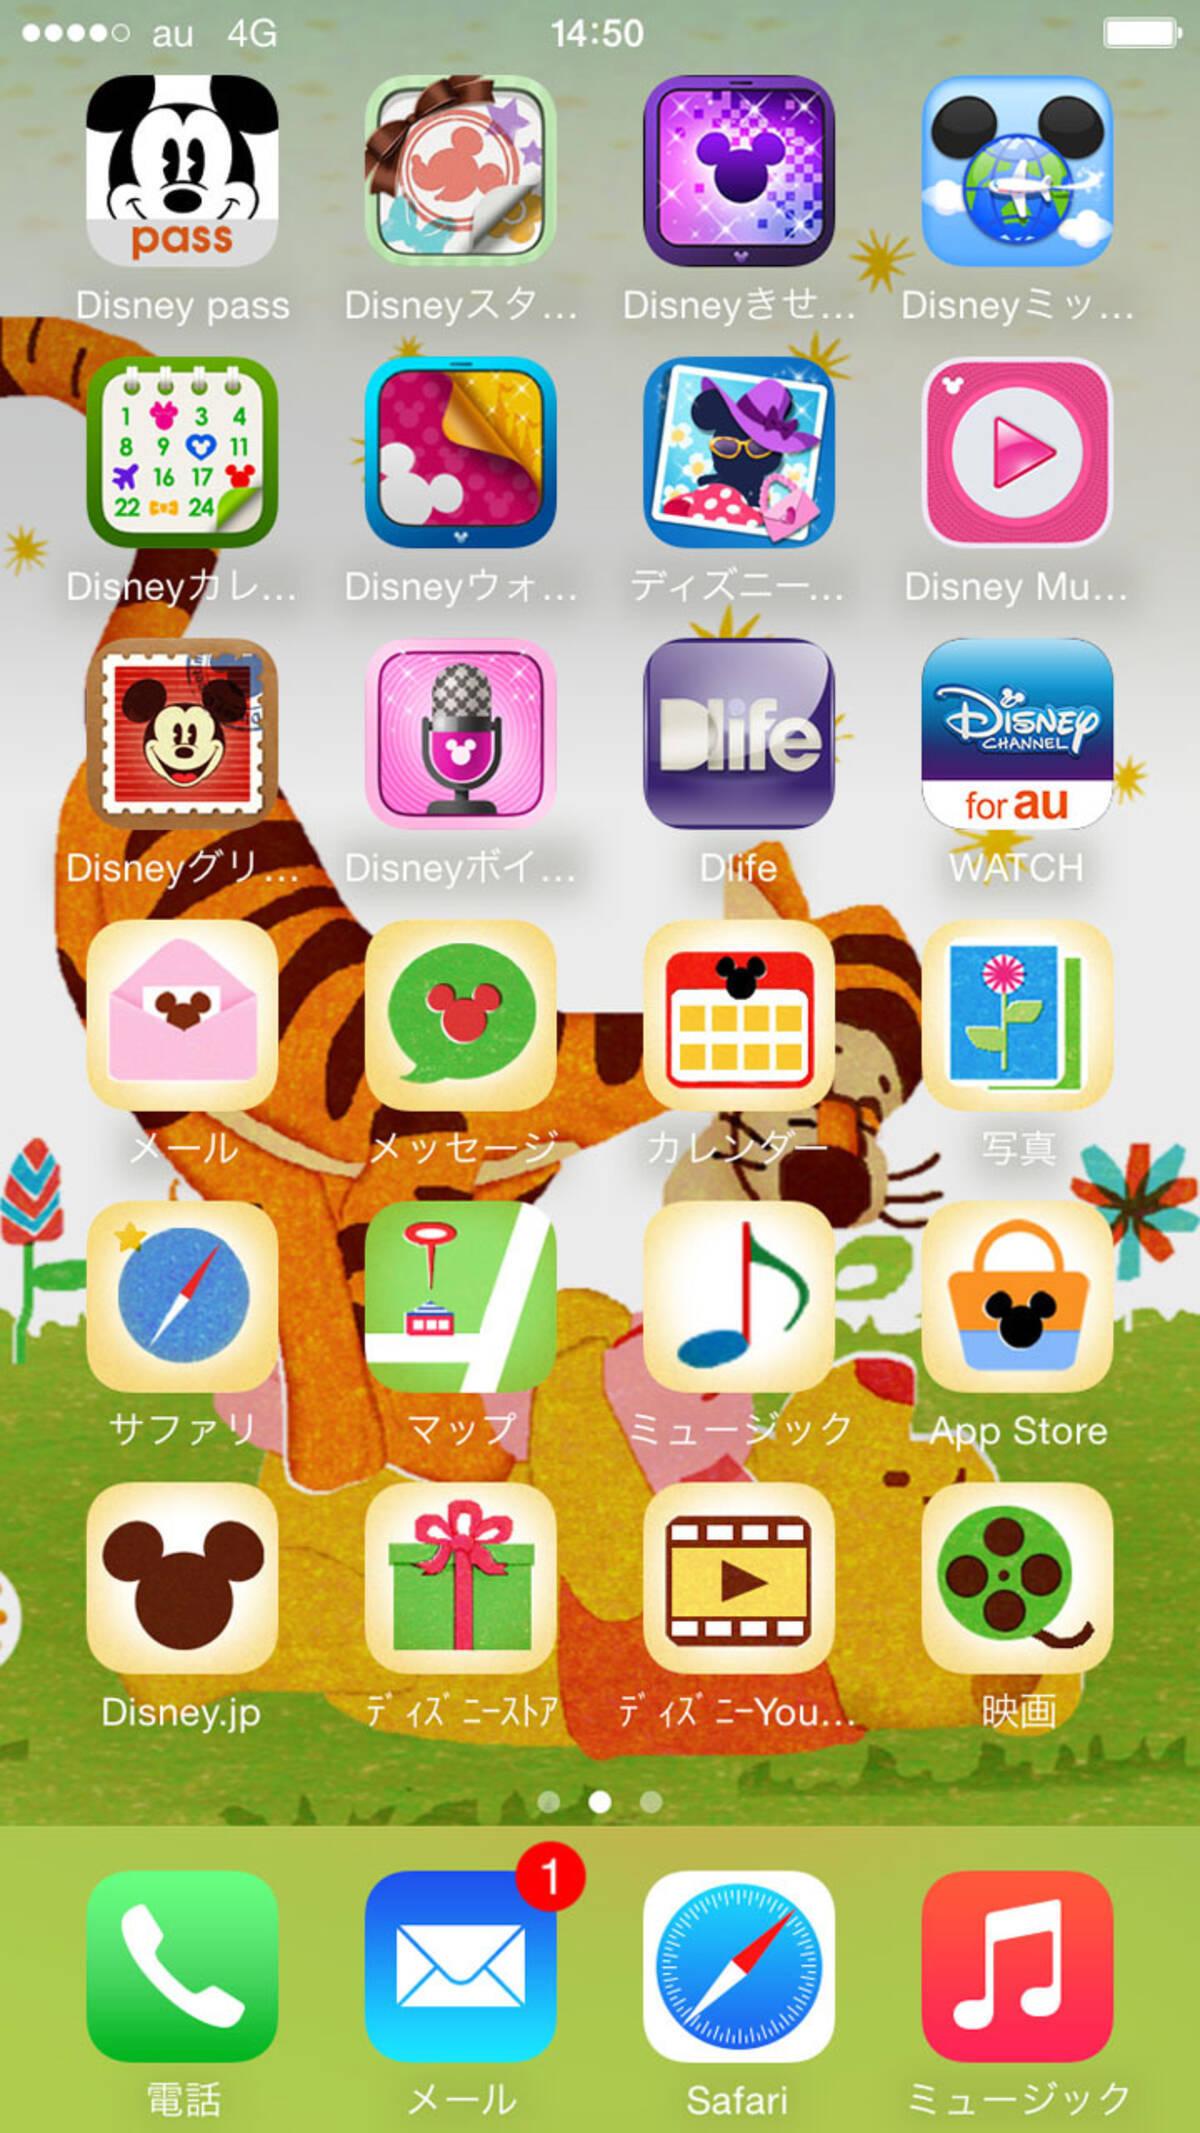 ディズニーマニアが Iphone 6でau ディズニーパス を徹底レビュー この内容で月額400円は驚き 15年3月12日 エキサイトニュース 4 4